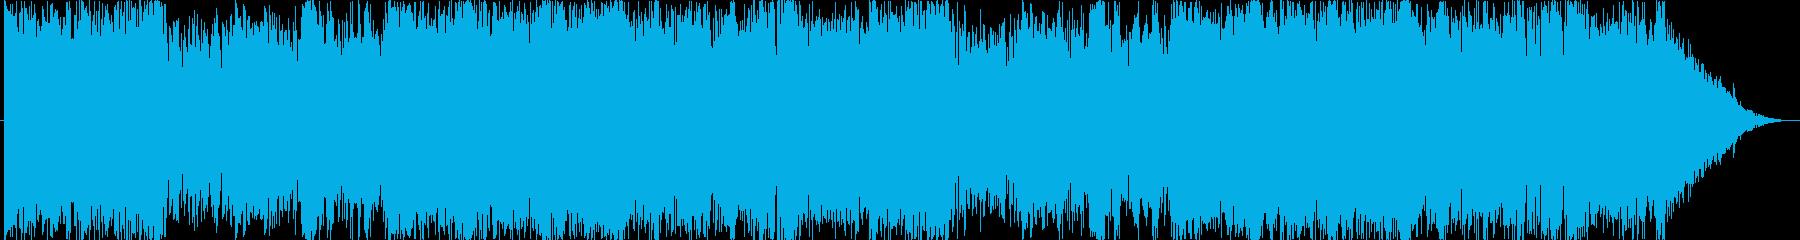 通常戦闘ループ可。疾走感あるオーケストラの再生済みの波形